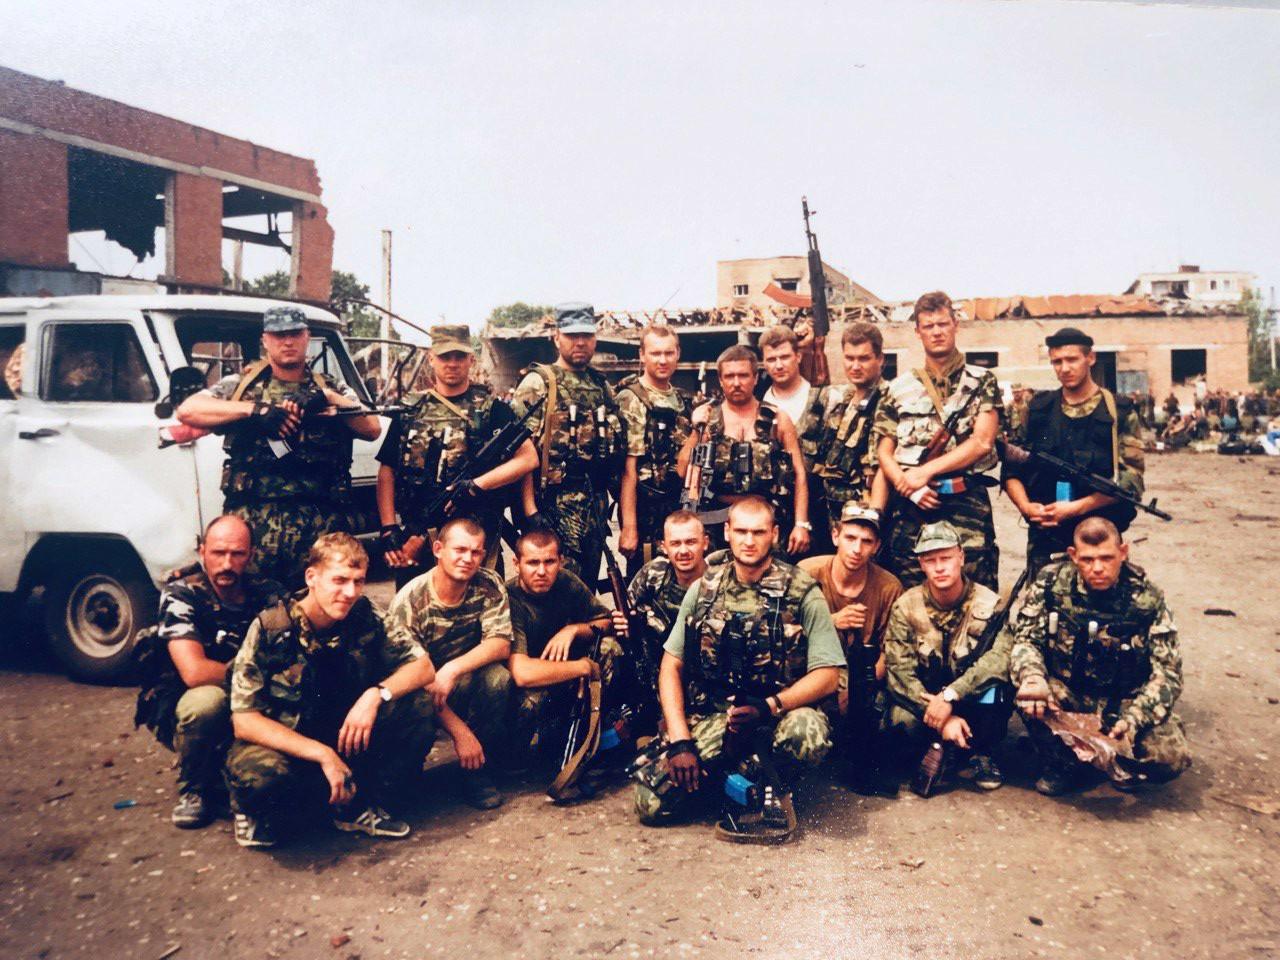 Утро 3 июля 2000 года.Сотрудники УФСБ и МВД Челябинской области. Алексей Вражнов в верхнем ряду крайний слева